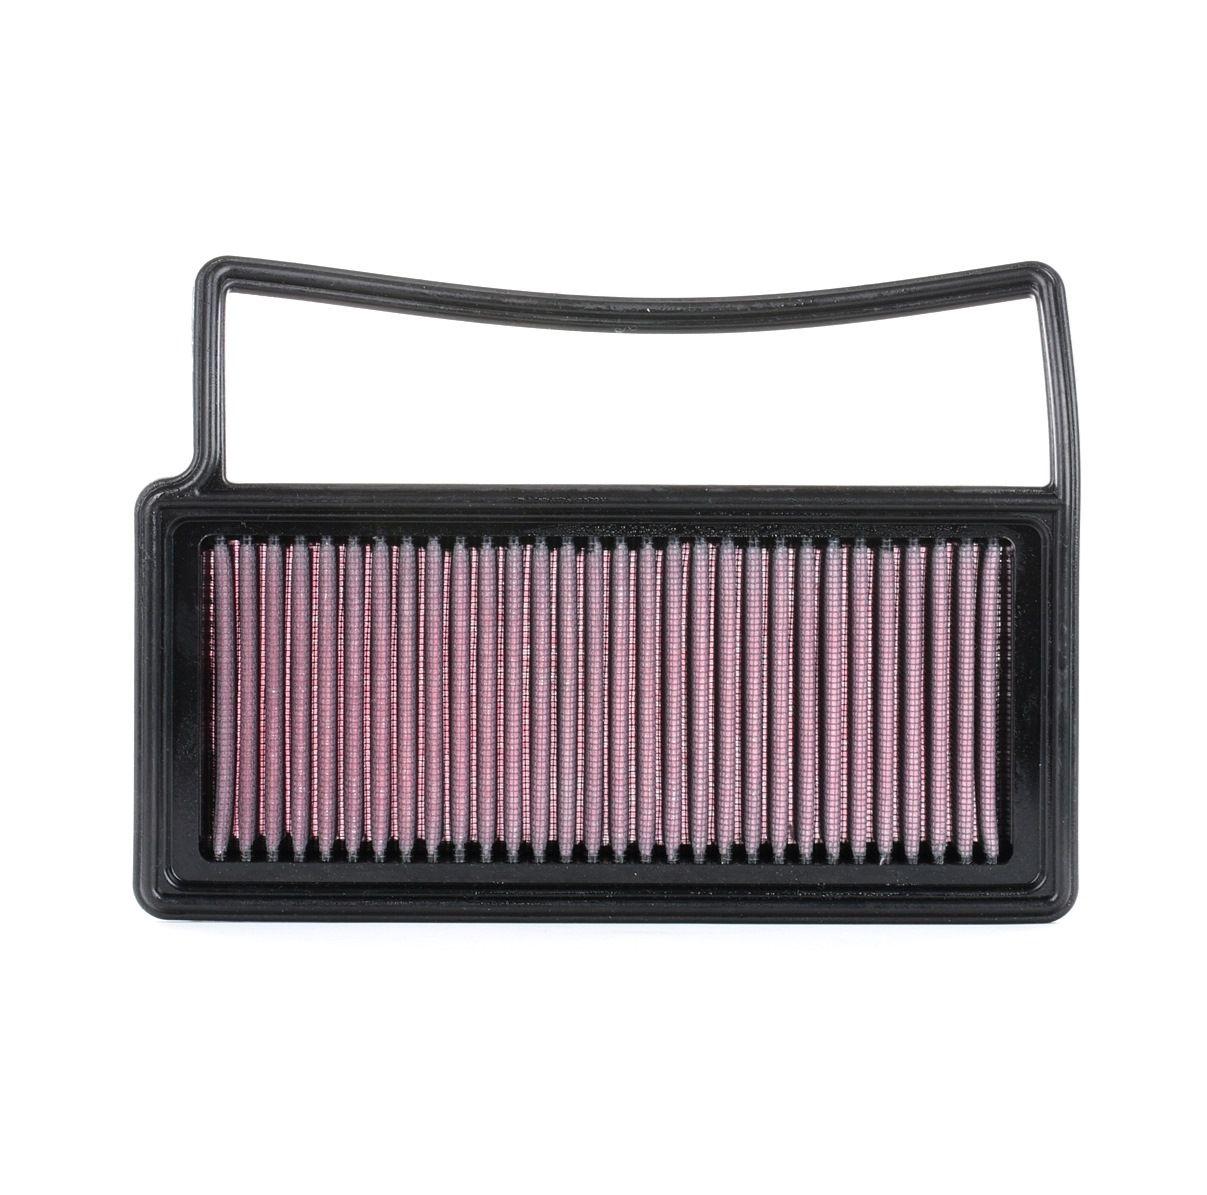 K&N Filters: Original Motorluftfilter 33-3014 (Länge: 238mm, Länge: 238mm, Breite: 171mm, Höhe: 30mm)